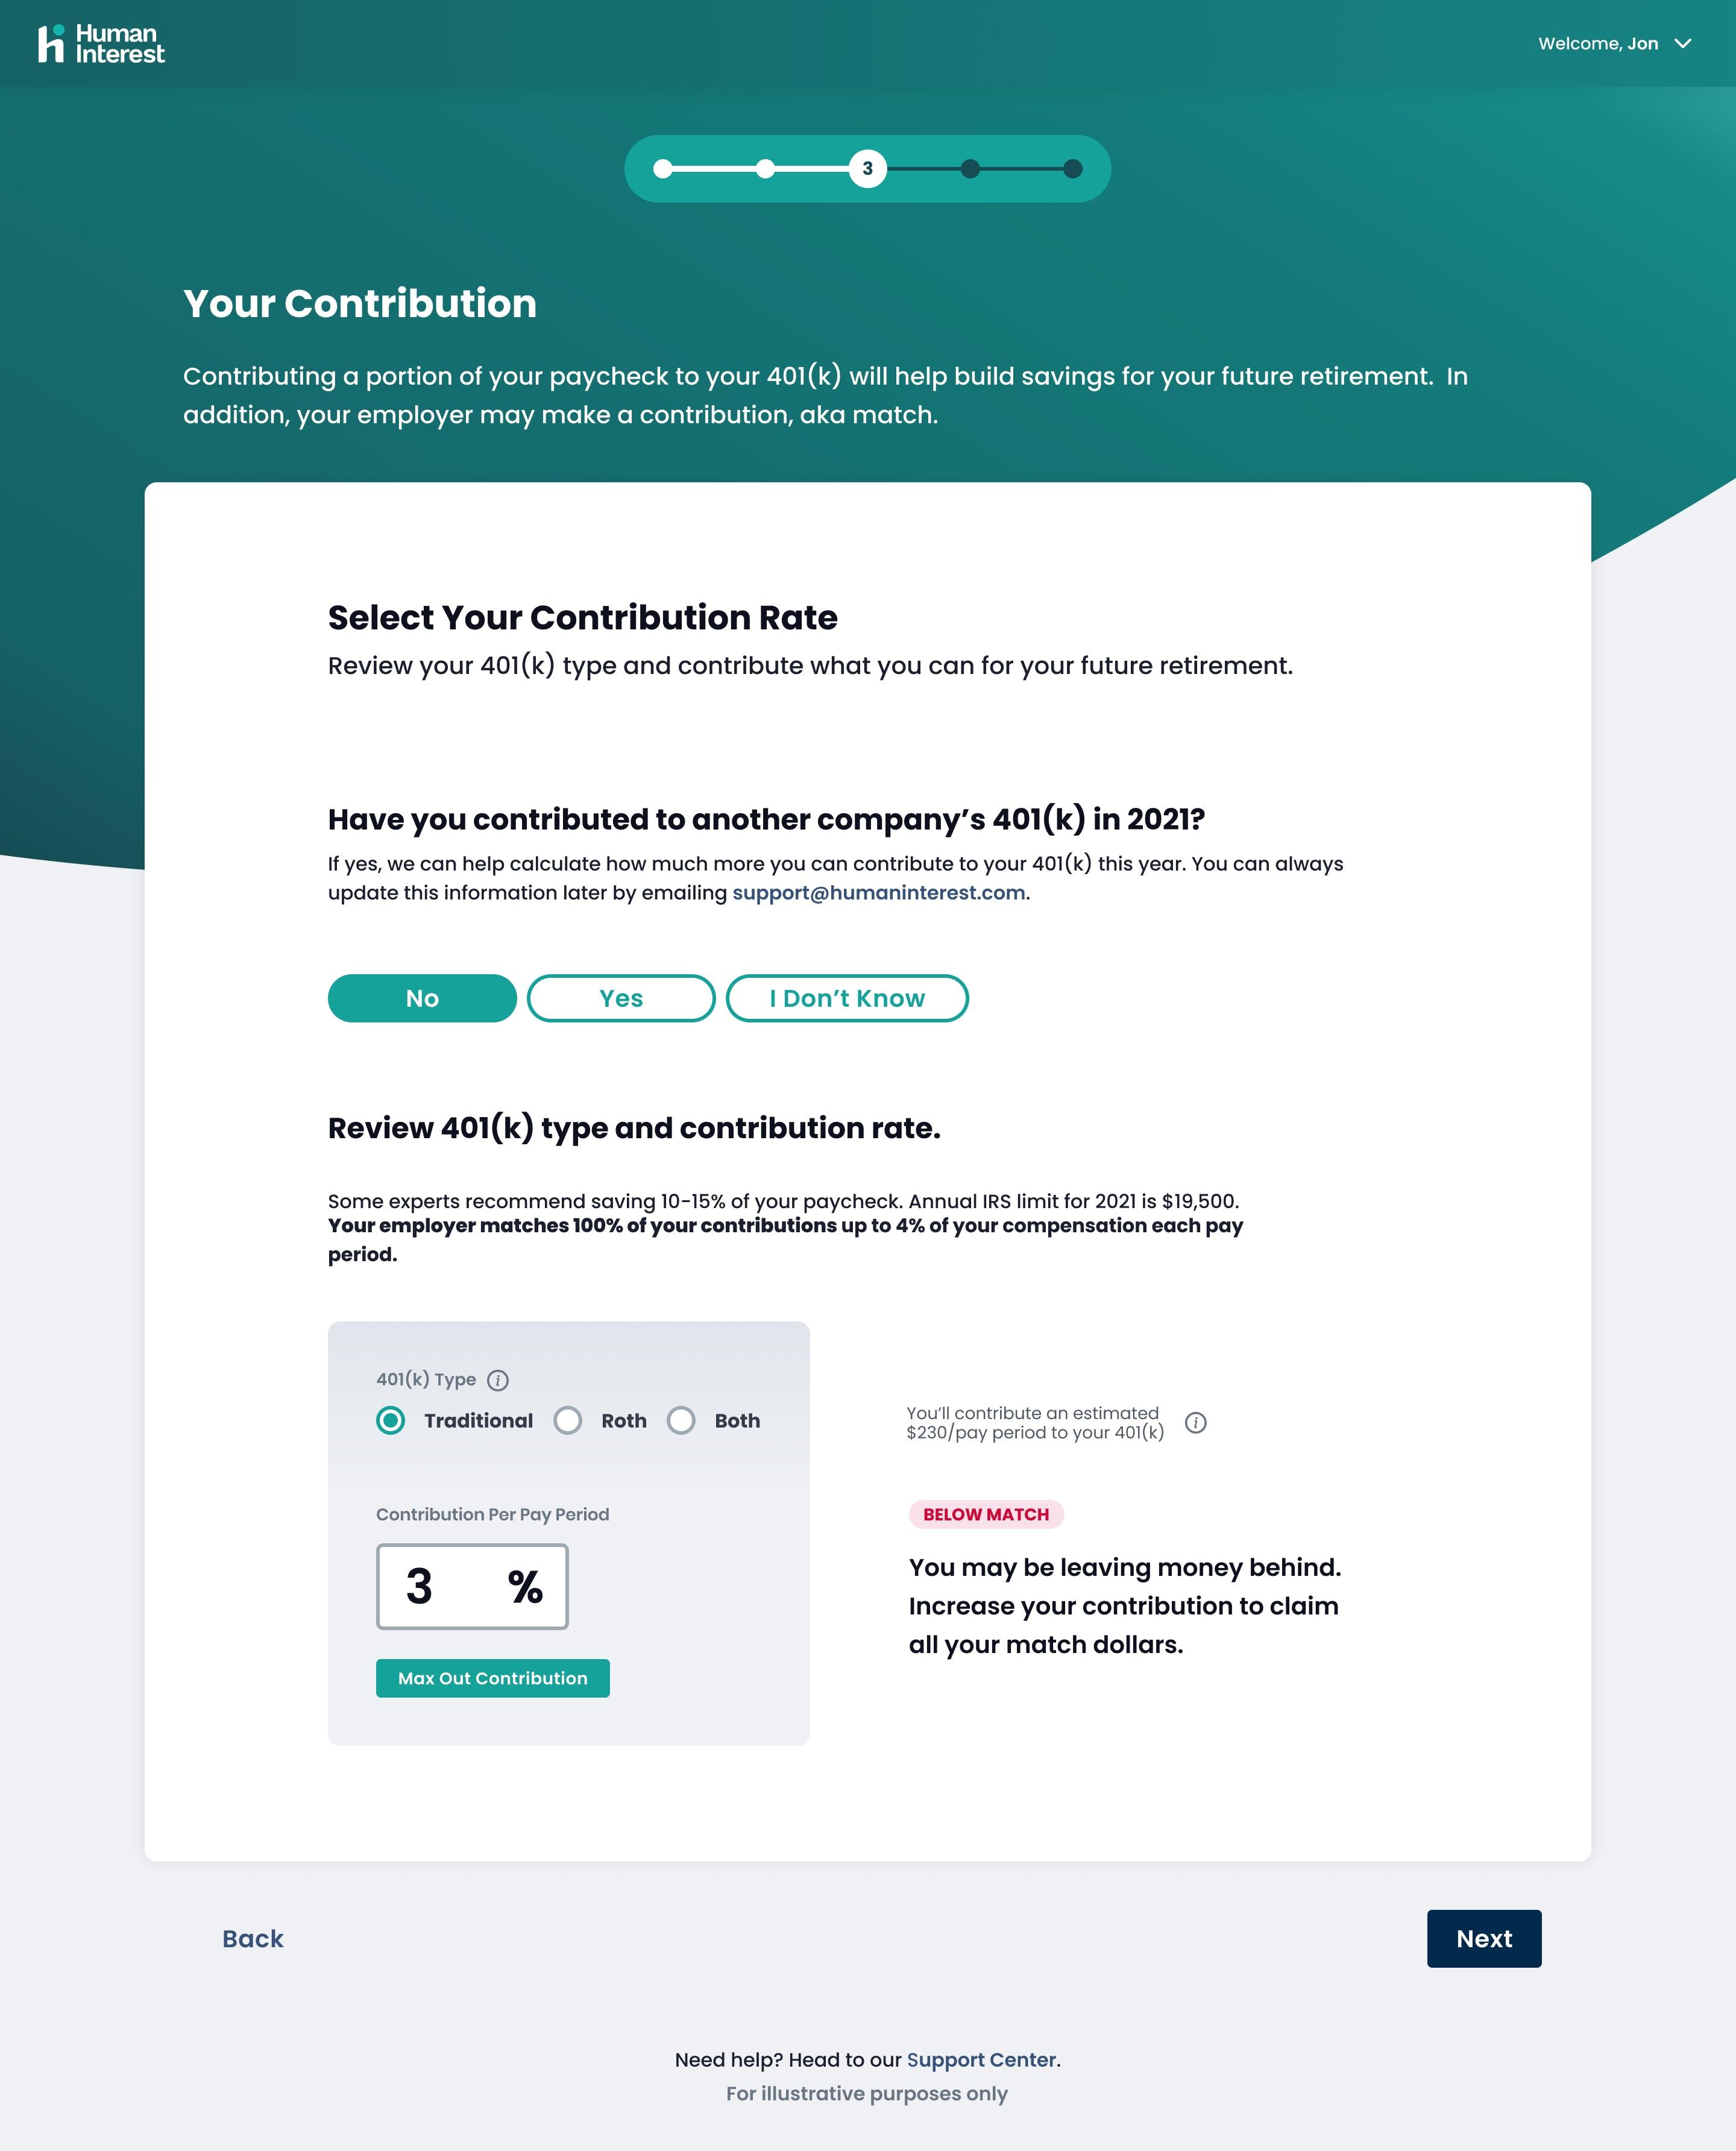 Participant Enrollment: Contribution Rate Step - Below Match